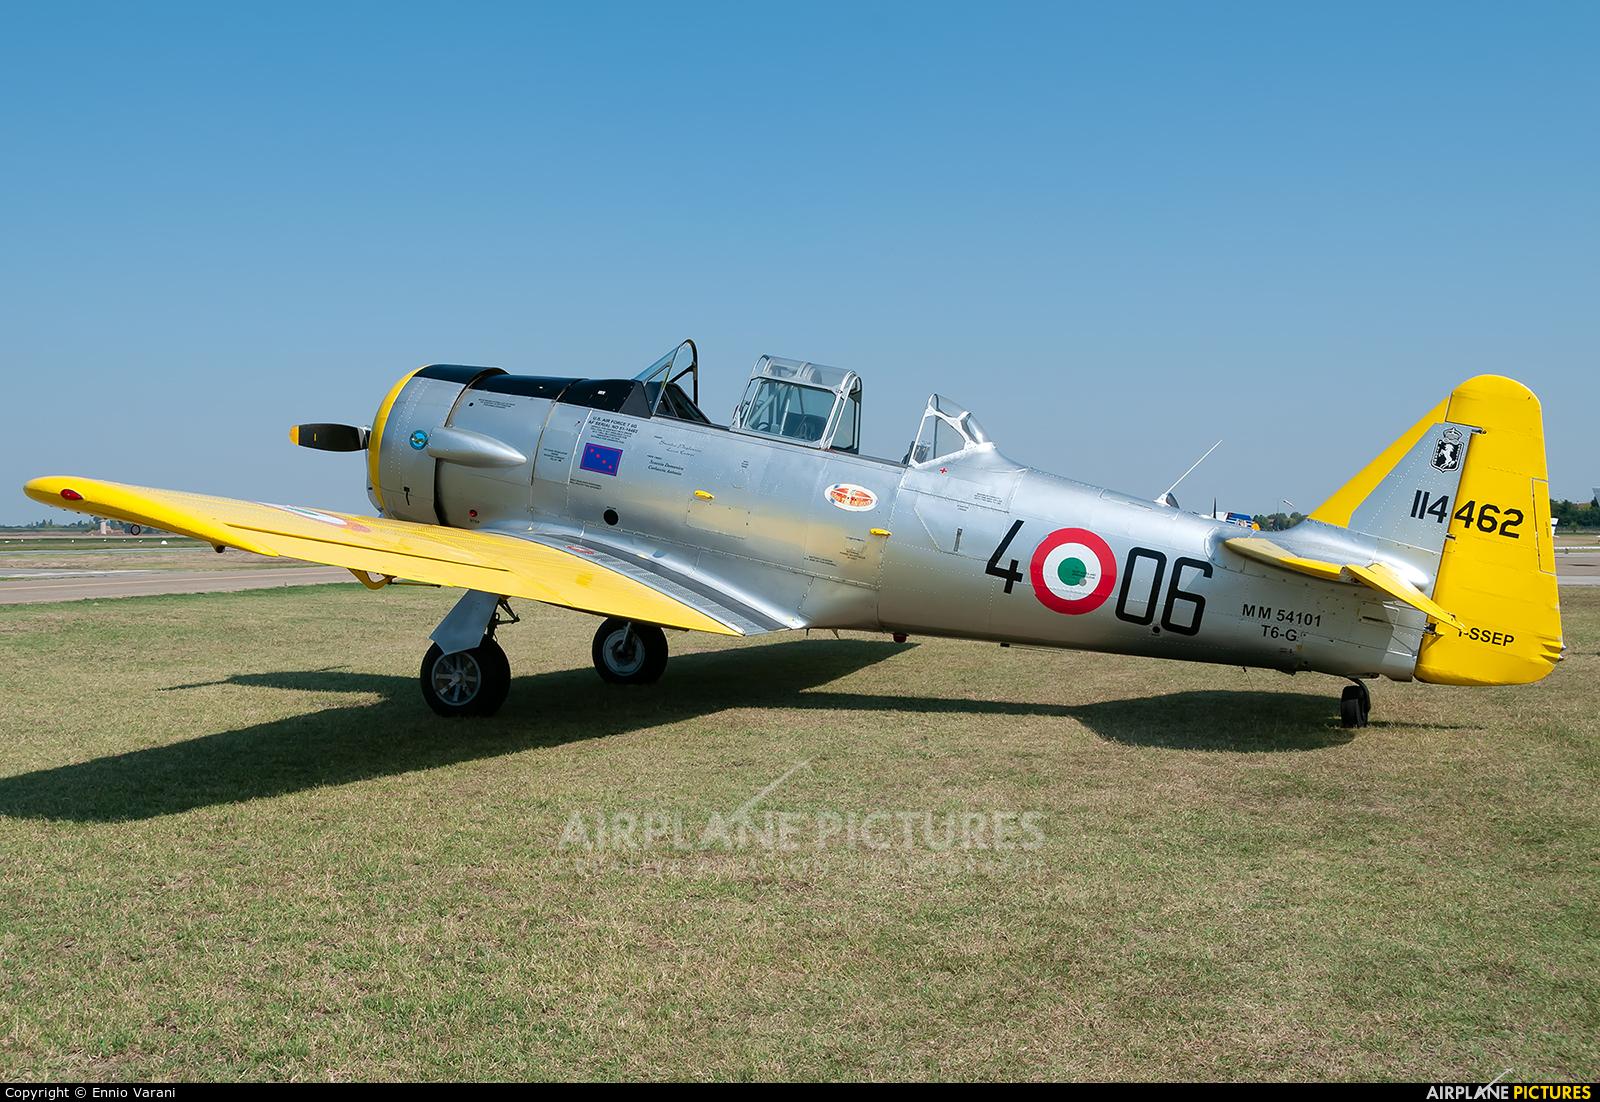 Private I-SSEP aircraft at Ozzano dell